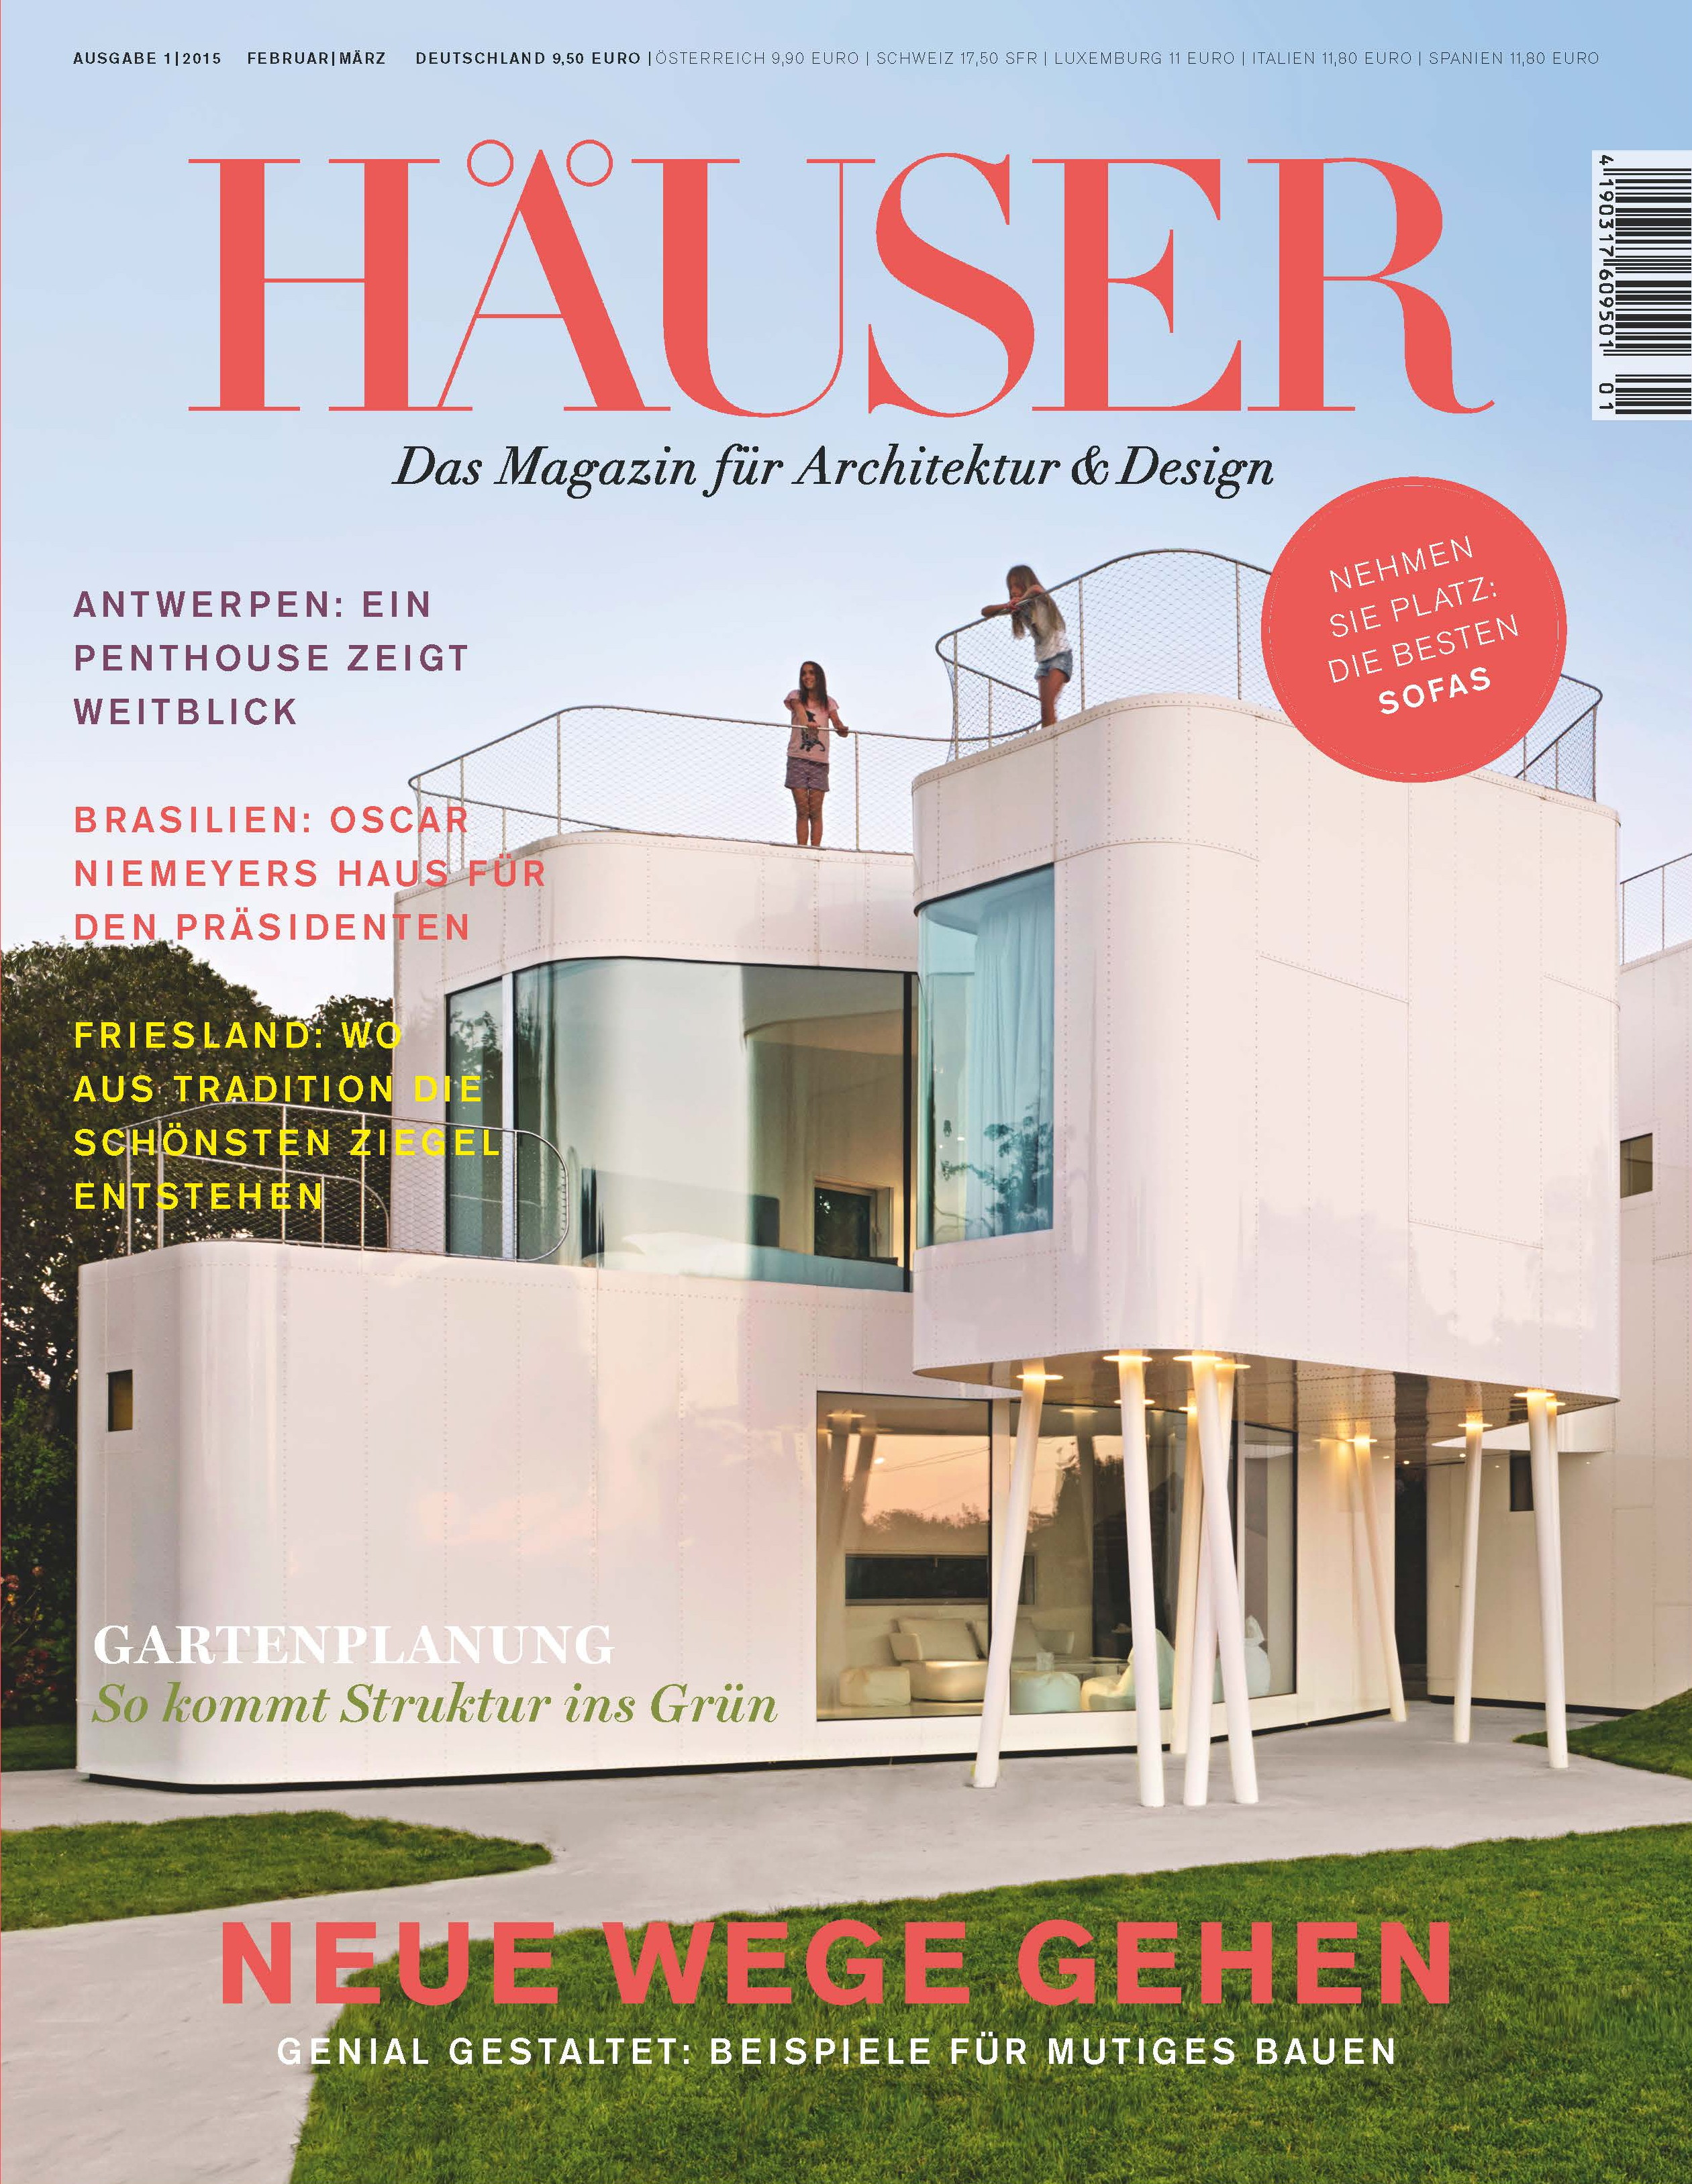 Die Besten Der Besten In Europa Deutschlands Premium Architektur Die Besten  Der Besten In Europa Deutschlands